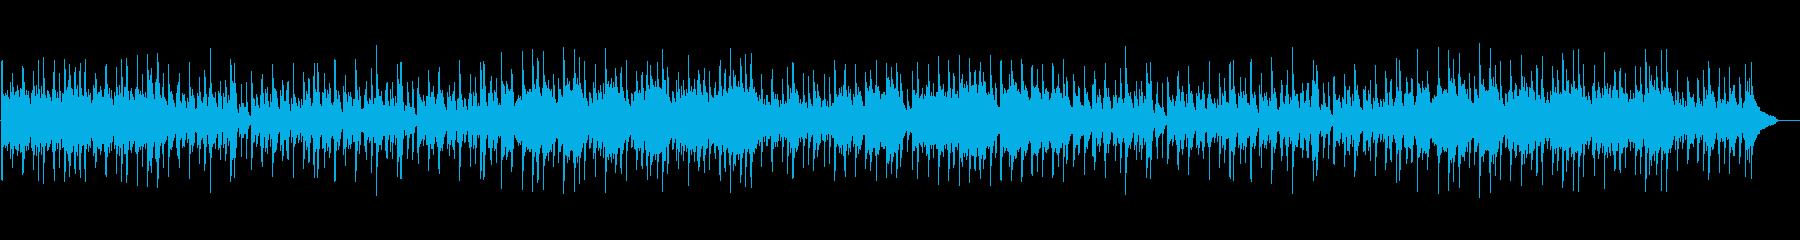 おしゃれな感じでクールなスイングジャズの再生済みの波形